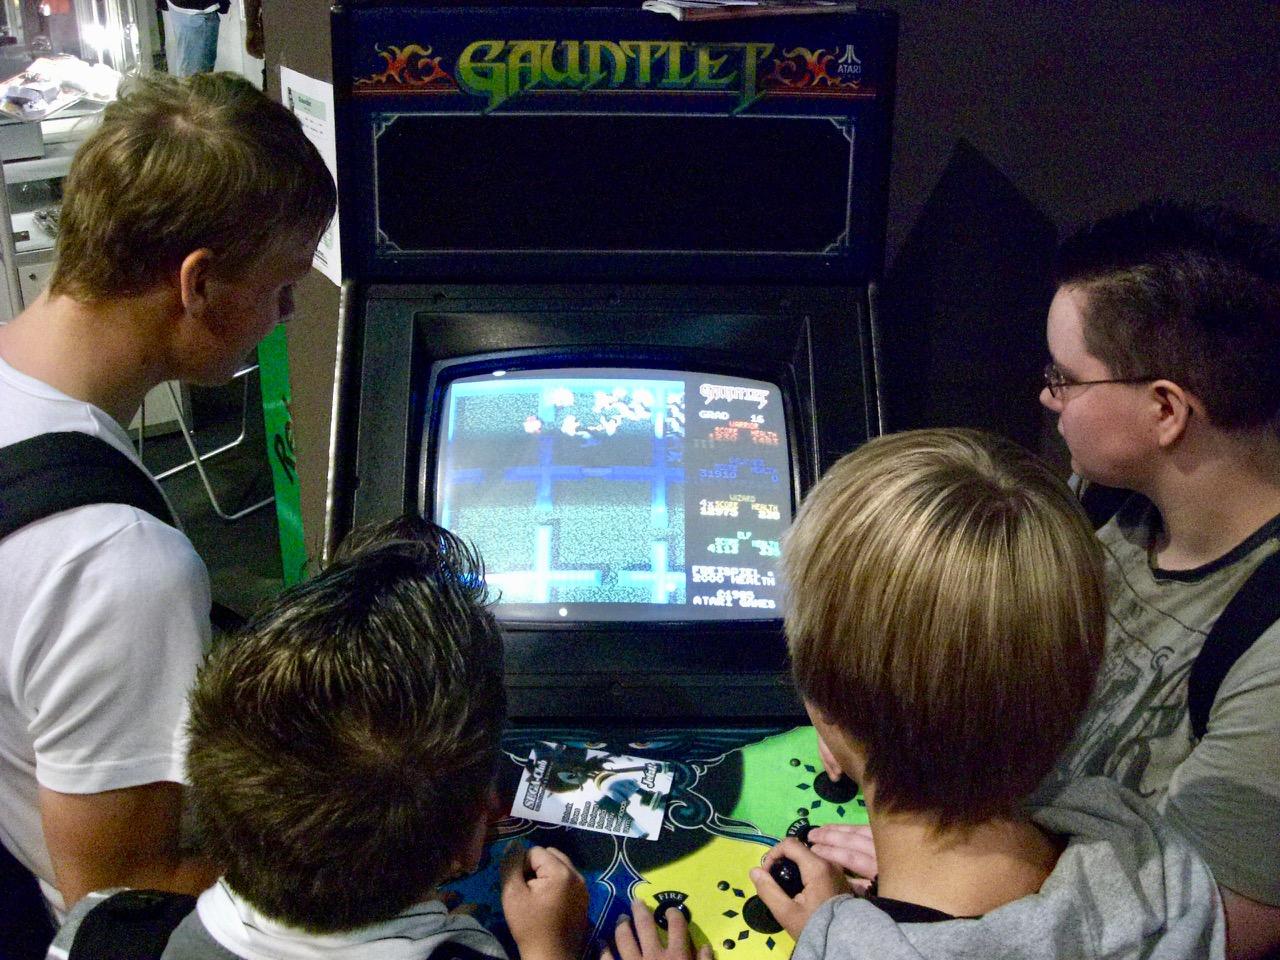 Jugendliche am Spielautomaten Gauntlet von RetroGames e.V. (Bild: André Eymann)